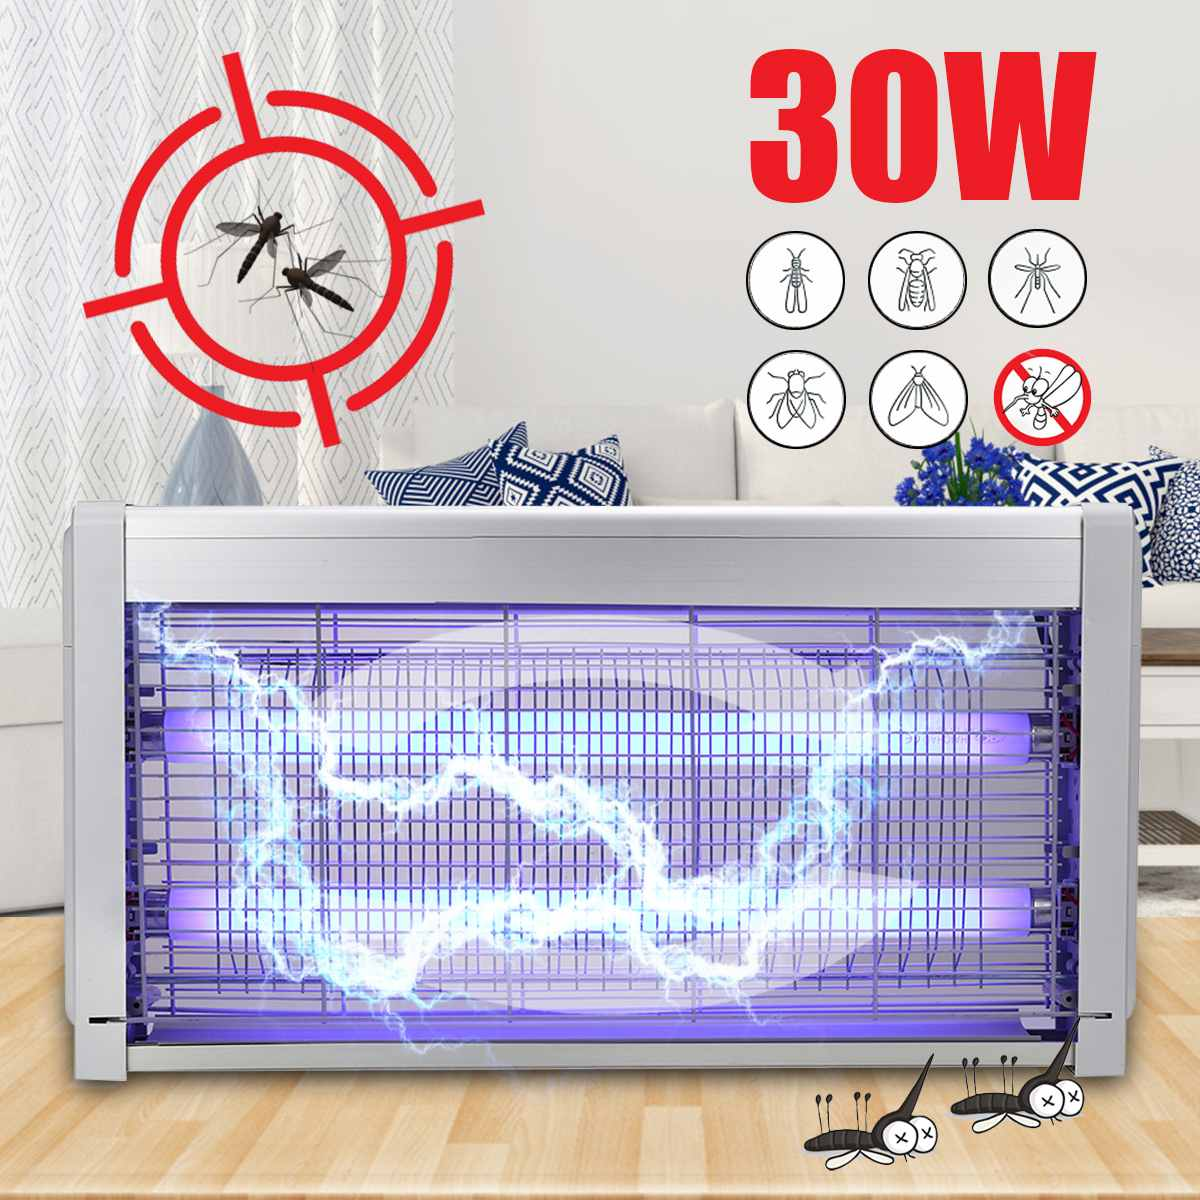 30 W 220 V moustique tueur lampes extérieur LED électronique choc intérieur moustique insecte insecte mouche Zapper tueur lampe piège maison AU Plug